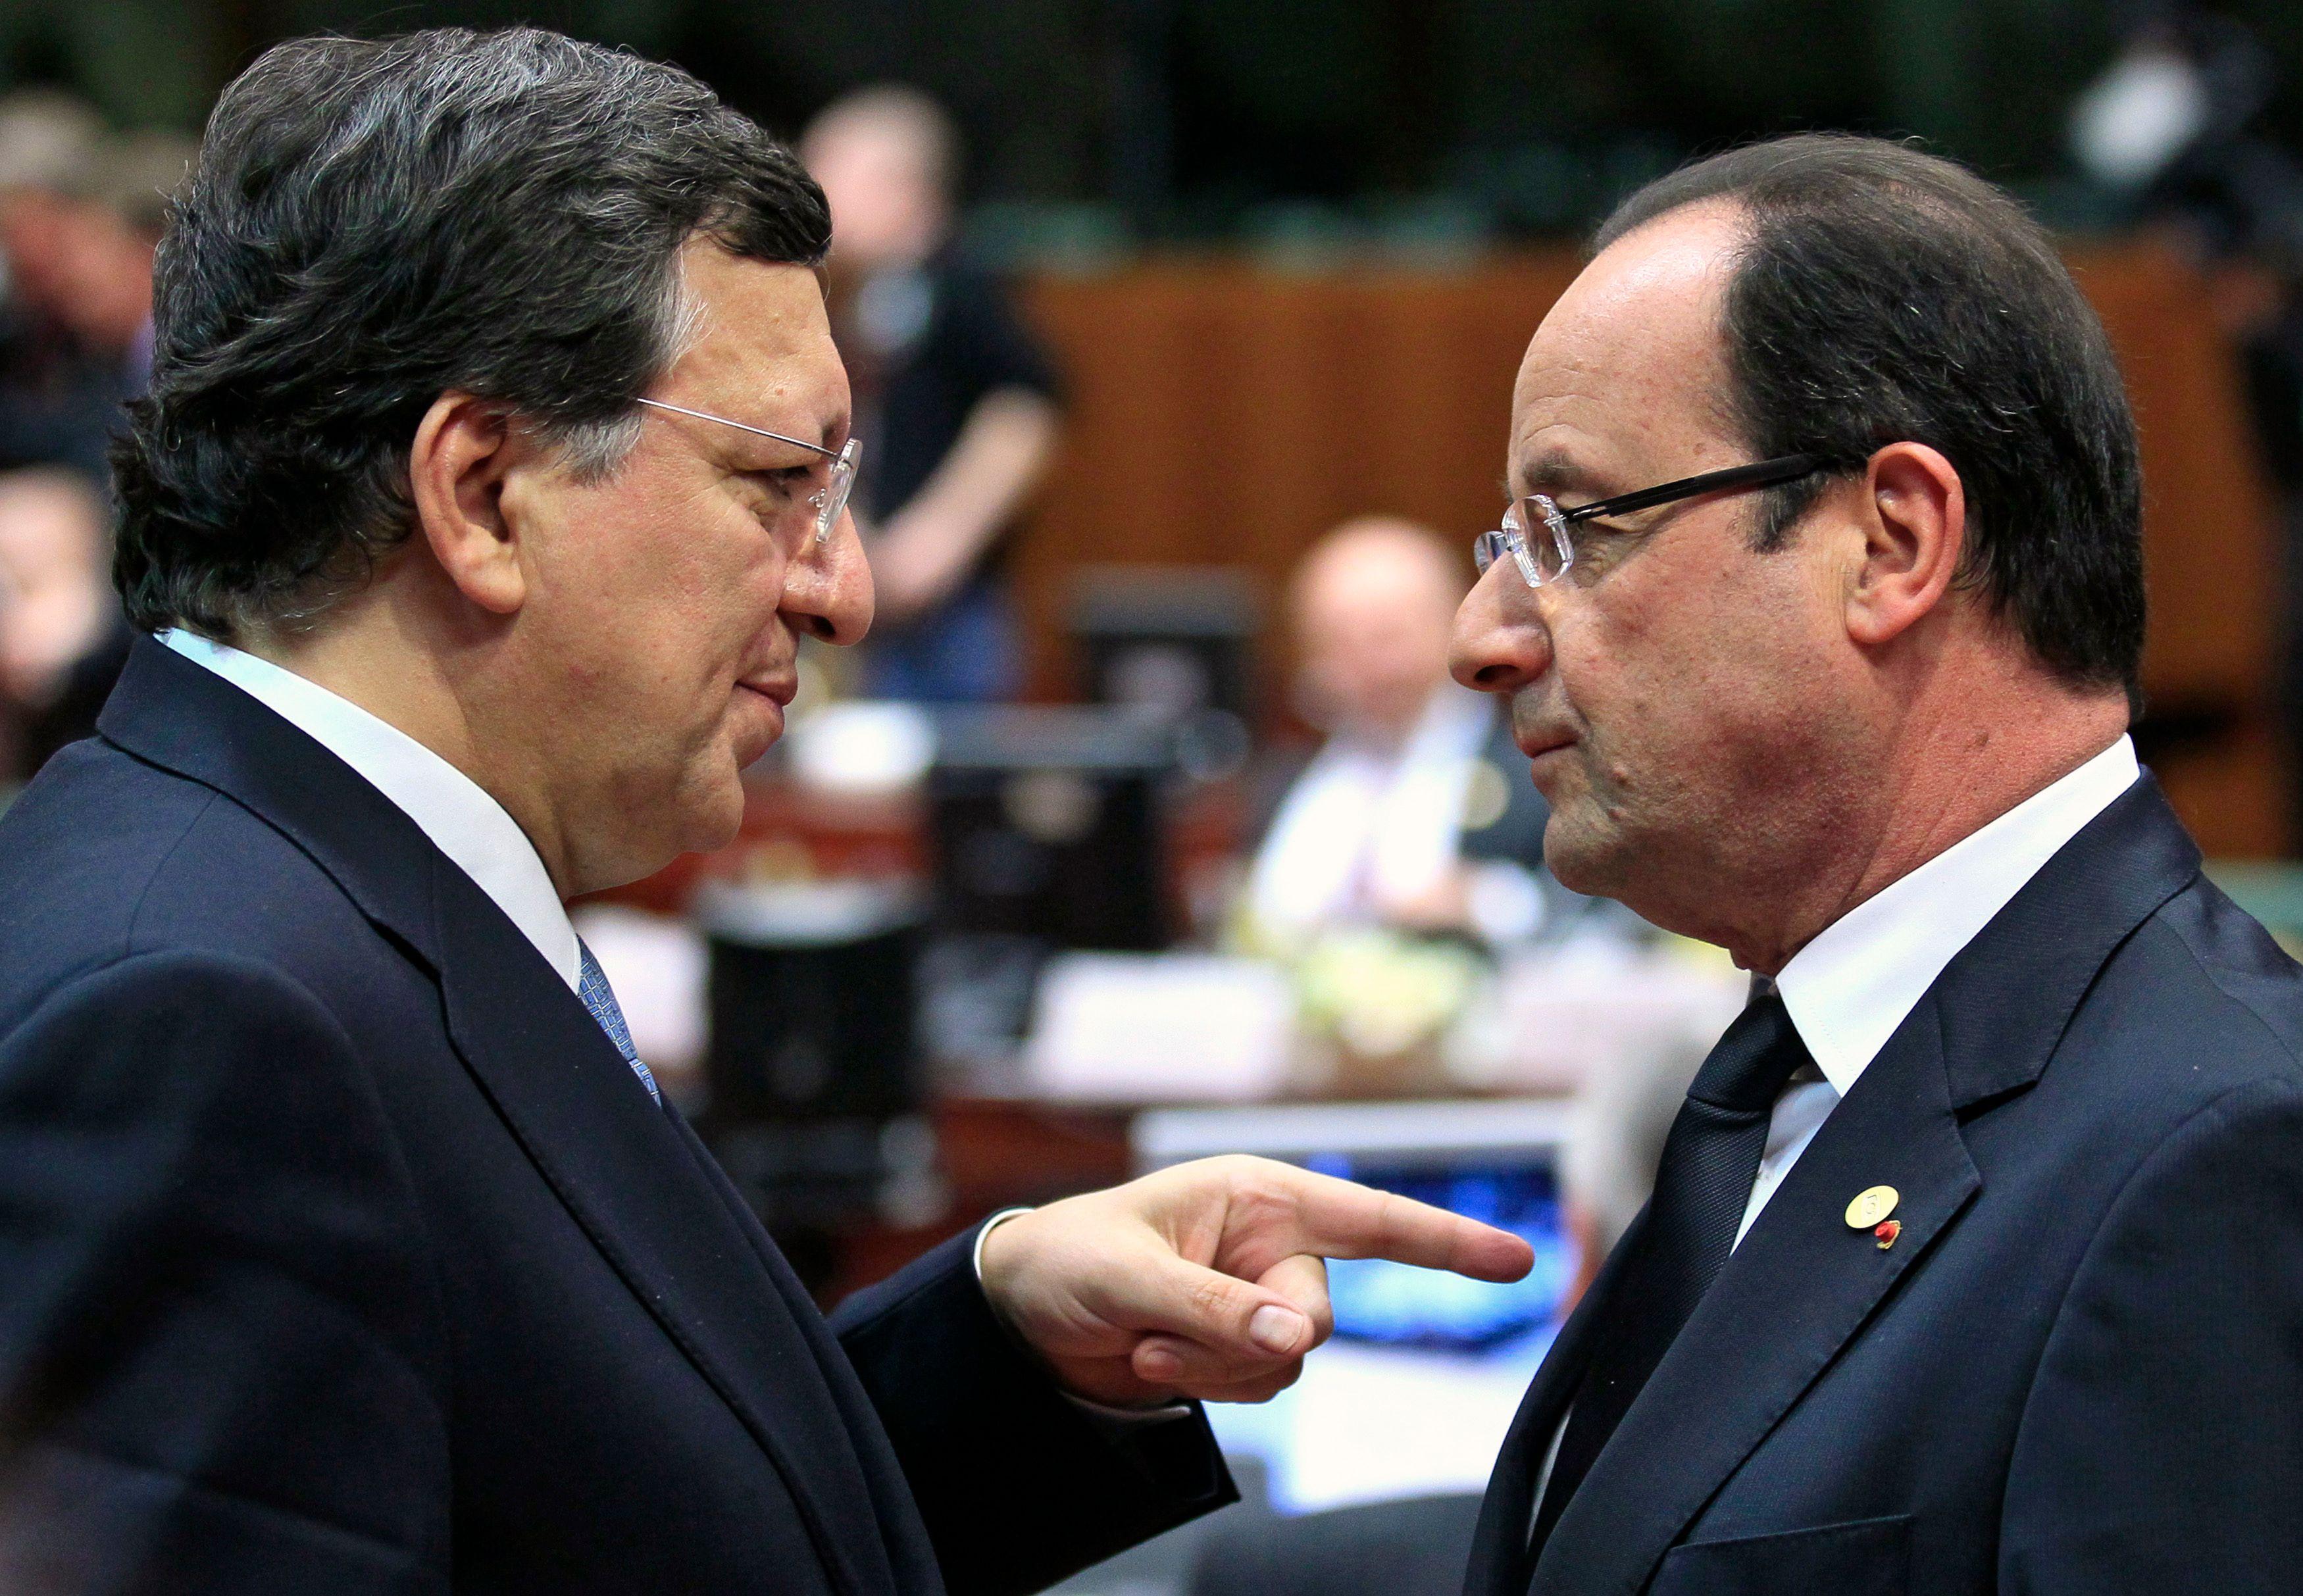 Sommet européen : relancer la croissance, objectif numéro 1 des dirigeants